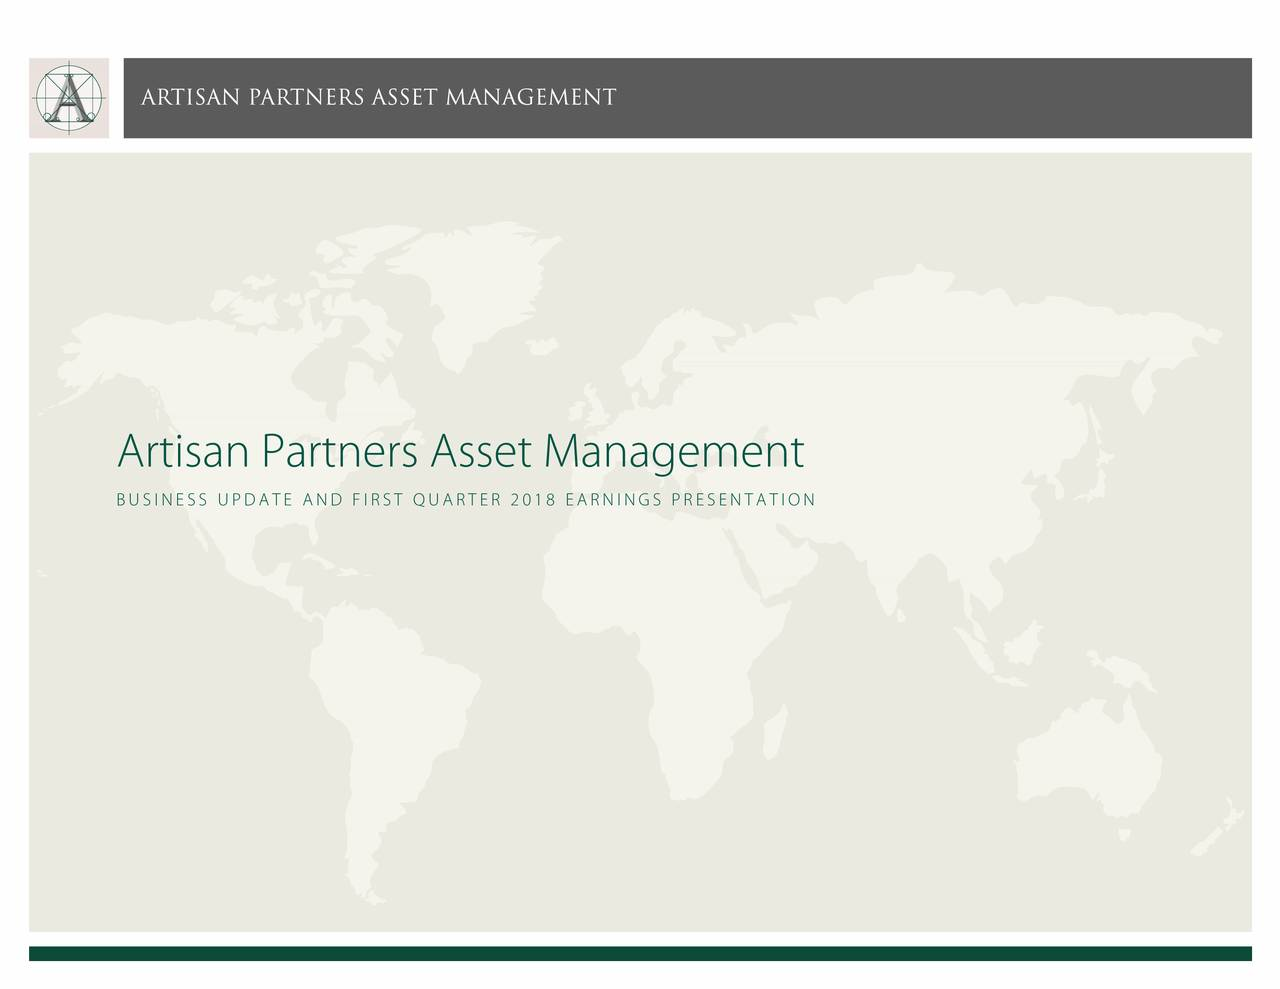 TER 2018 EARNINGS PRESENTATION Ar tSIaSUPDAaArtnIT UsRAsset Management artisan partners asset management